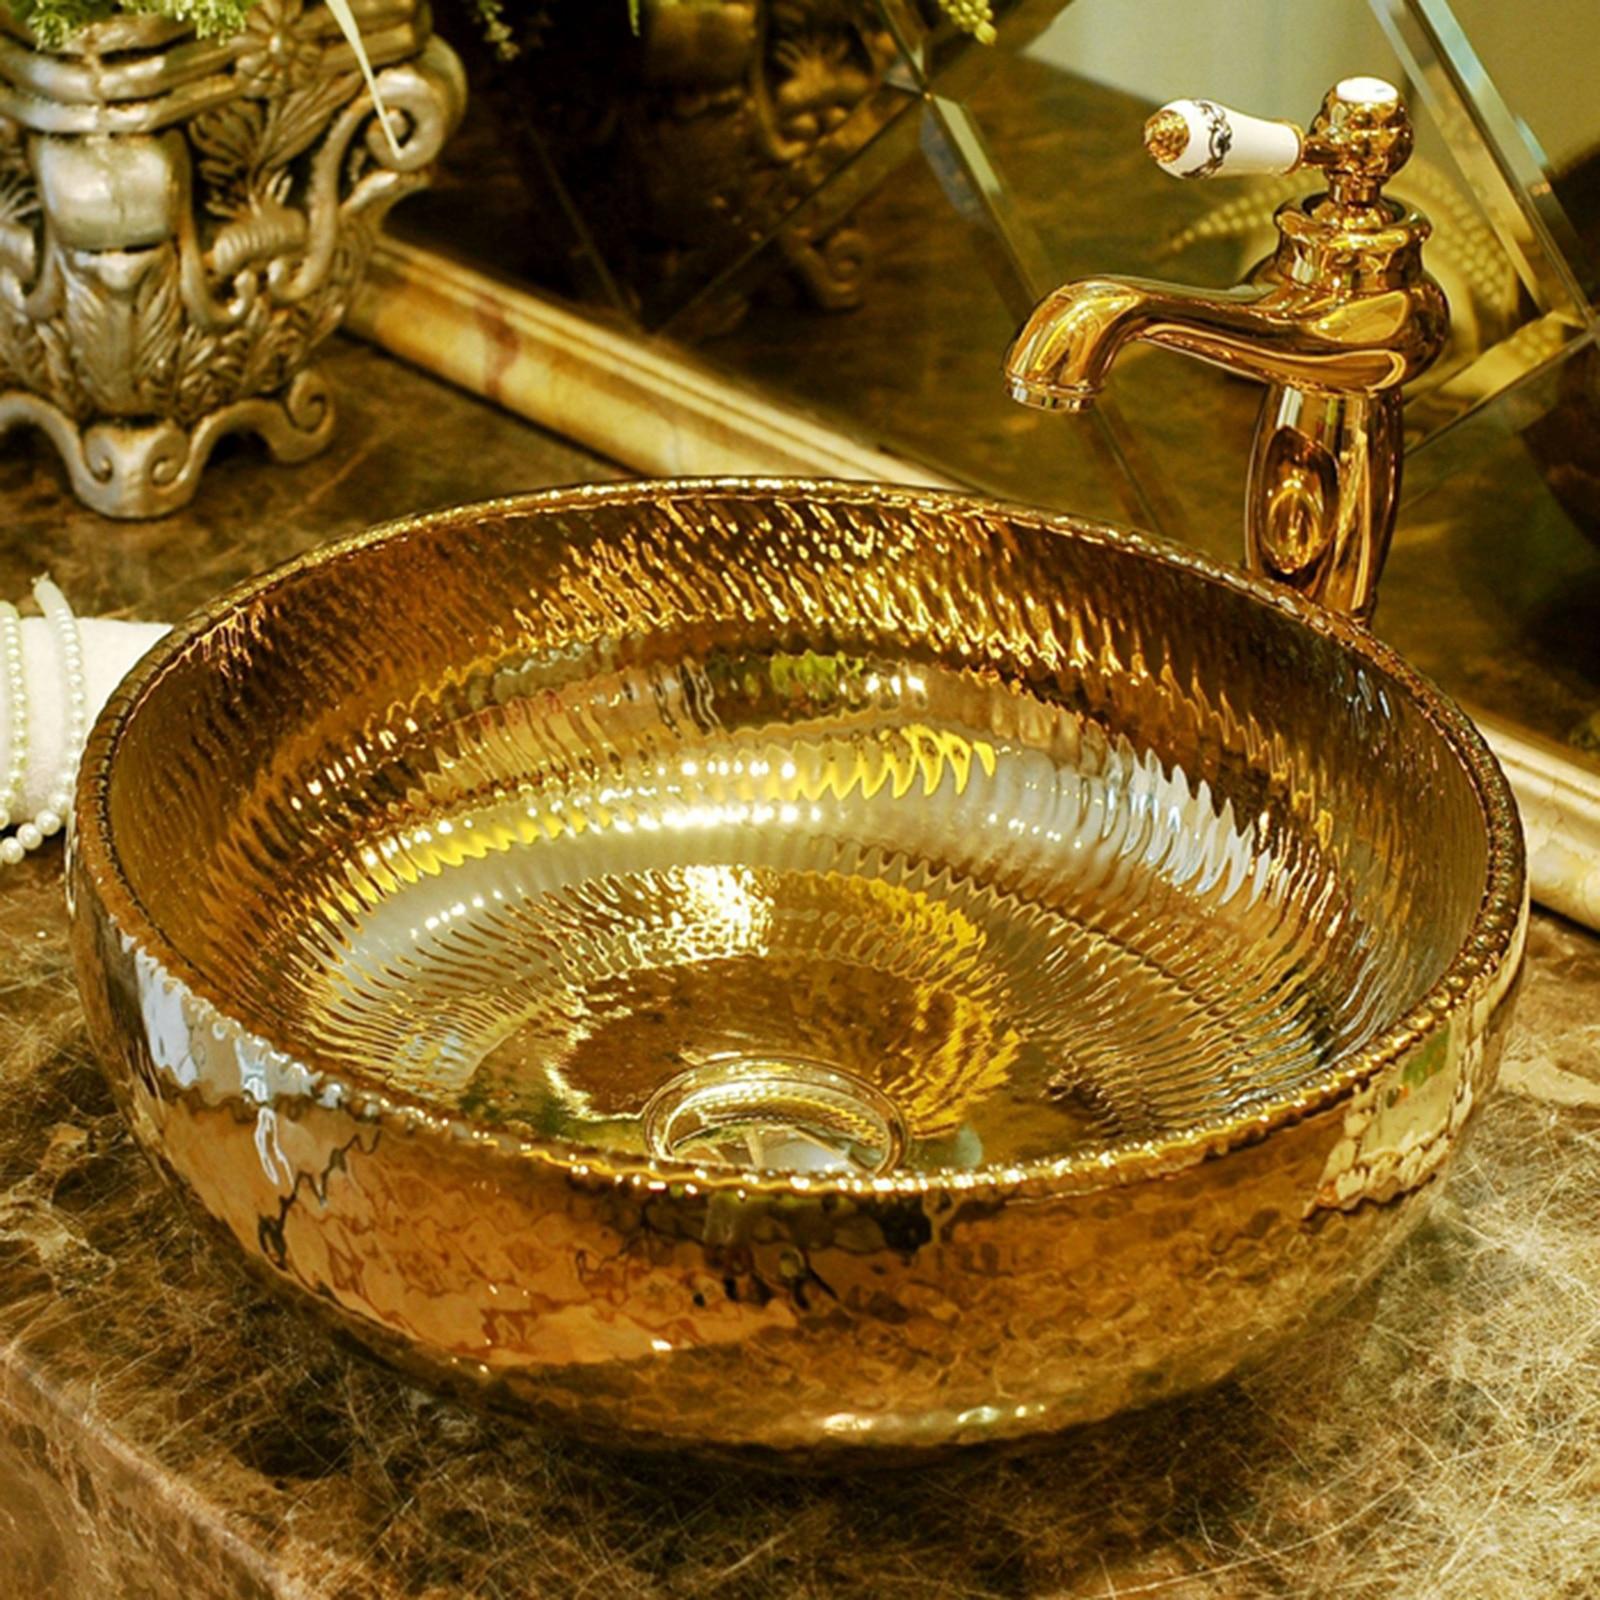 شحن مجاني فاخر يدوية الصنع السيراميك الذهب المزجج الخزف الفن الحمام حوض غسيل حوض السفينة